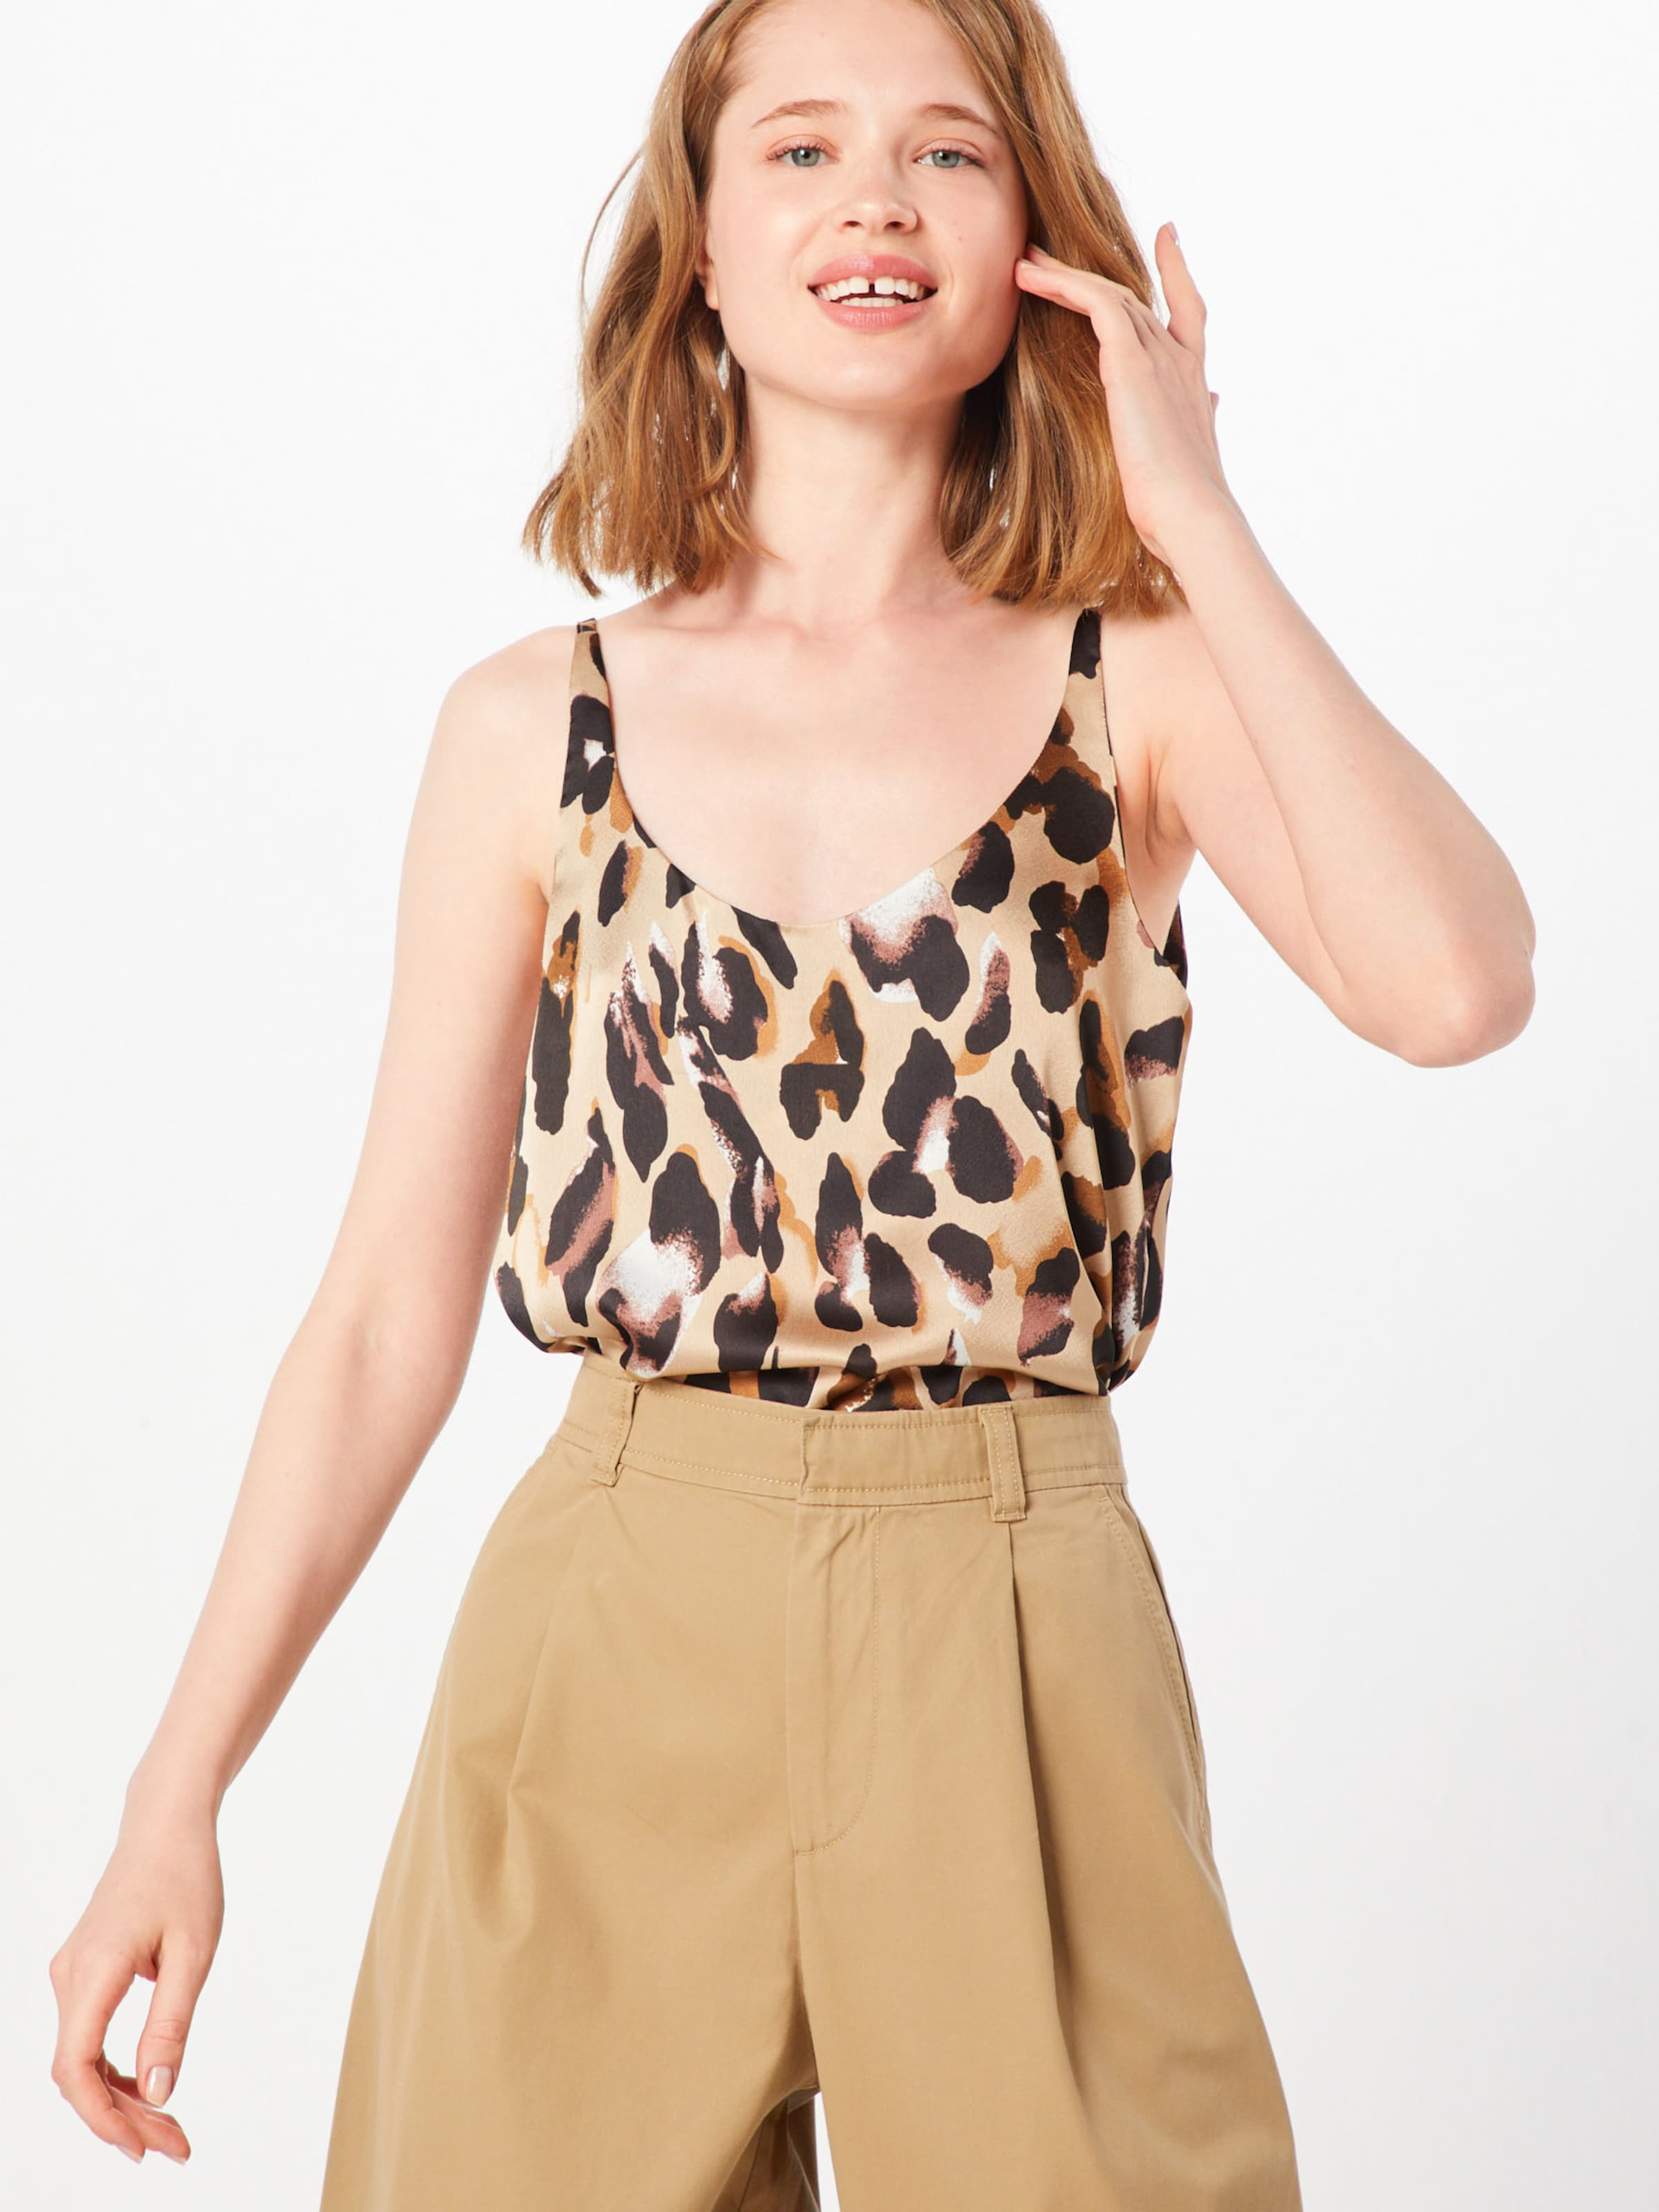 En Cami' Haut 'leopard Boohoo BeigeNoir dQrWCexBEo